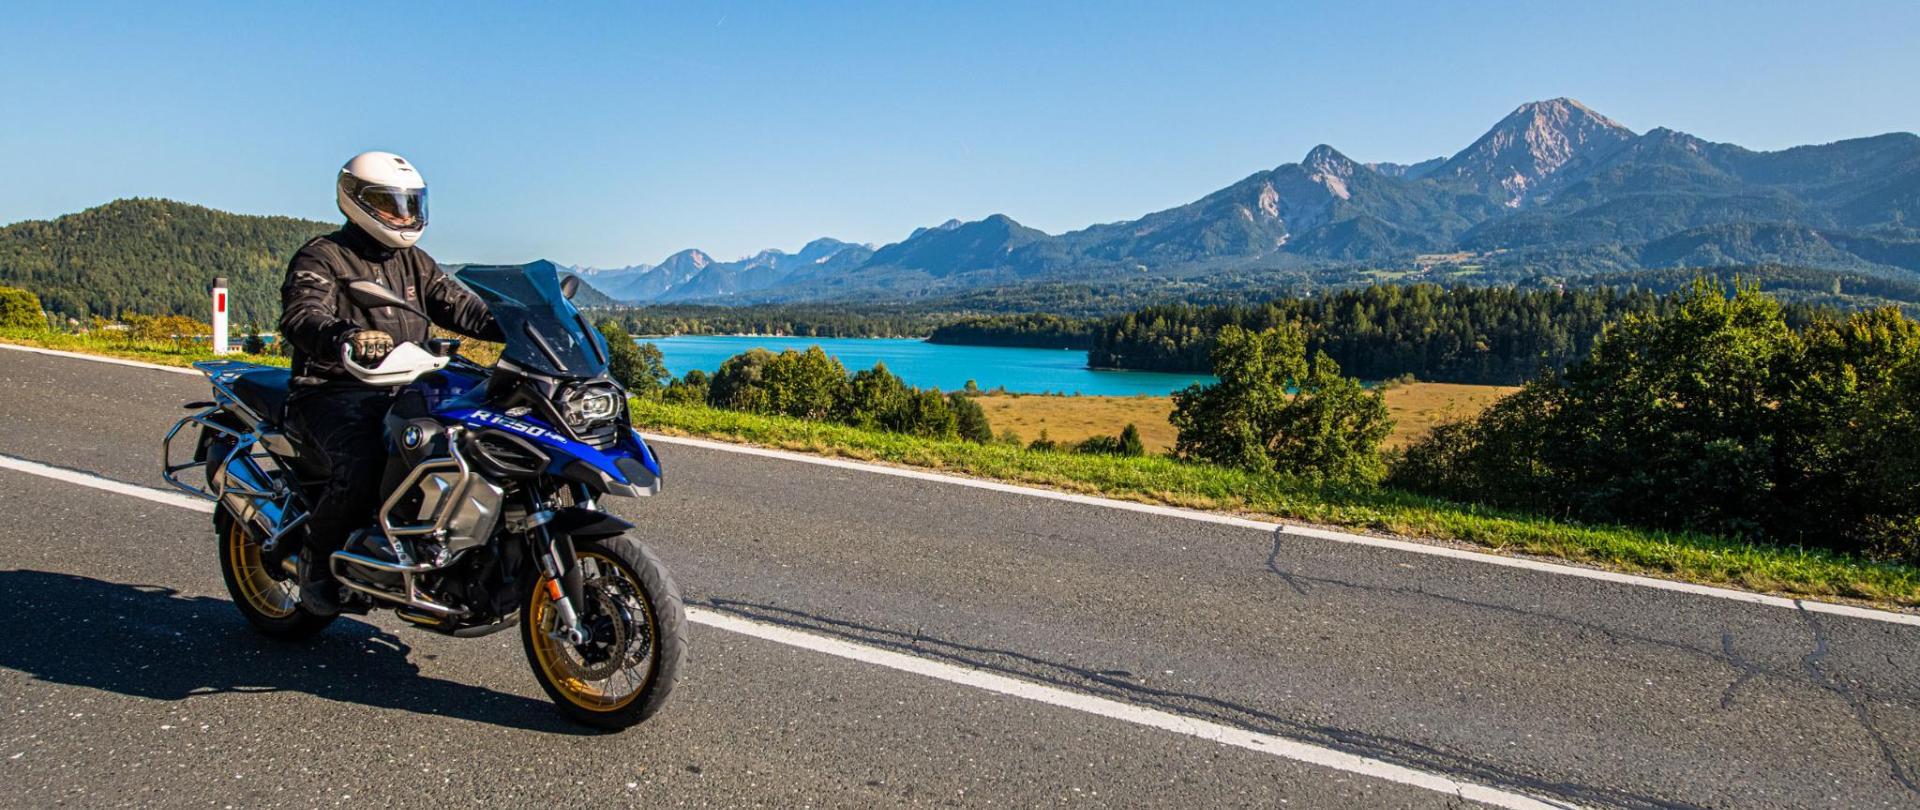 129-19 ©FRANZGERDL Motorrad-Land _3006.jpg